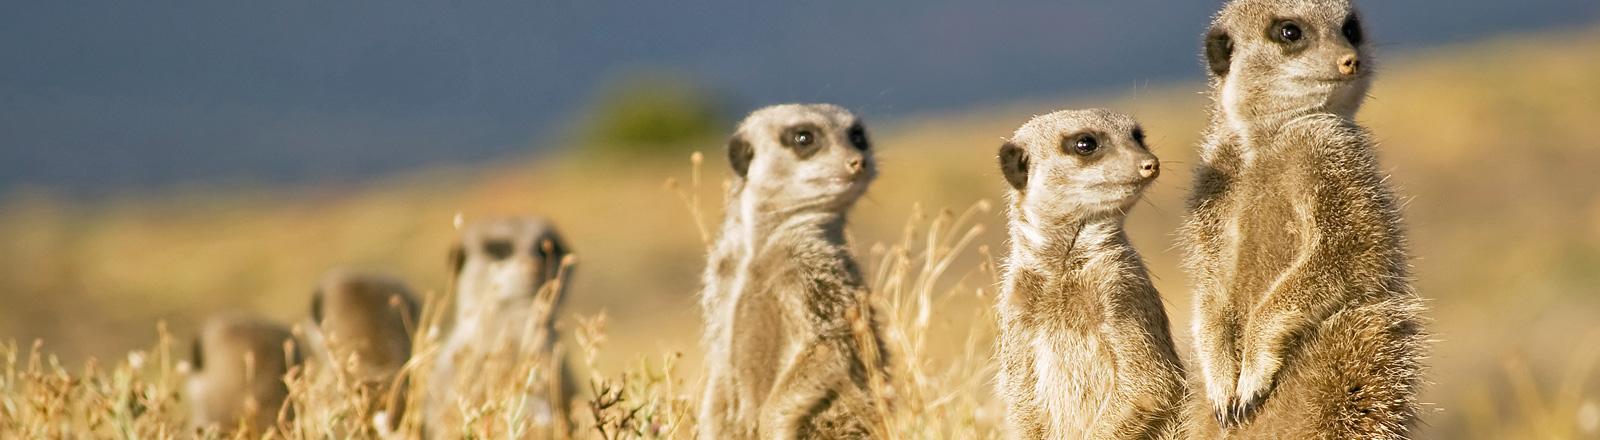 In der freien Natur stehen sechs Erdmännchen nebeneinander. Sie stehen auf ihren Hinterfüßen und schauen aufmerksam in die Gegend.